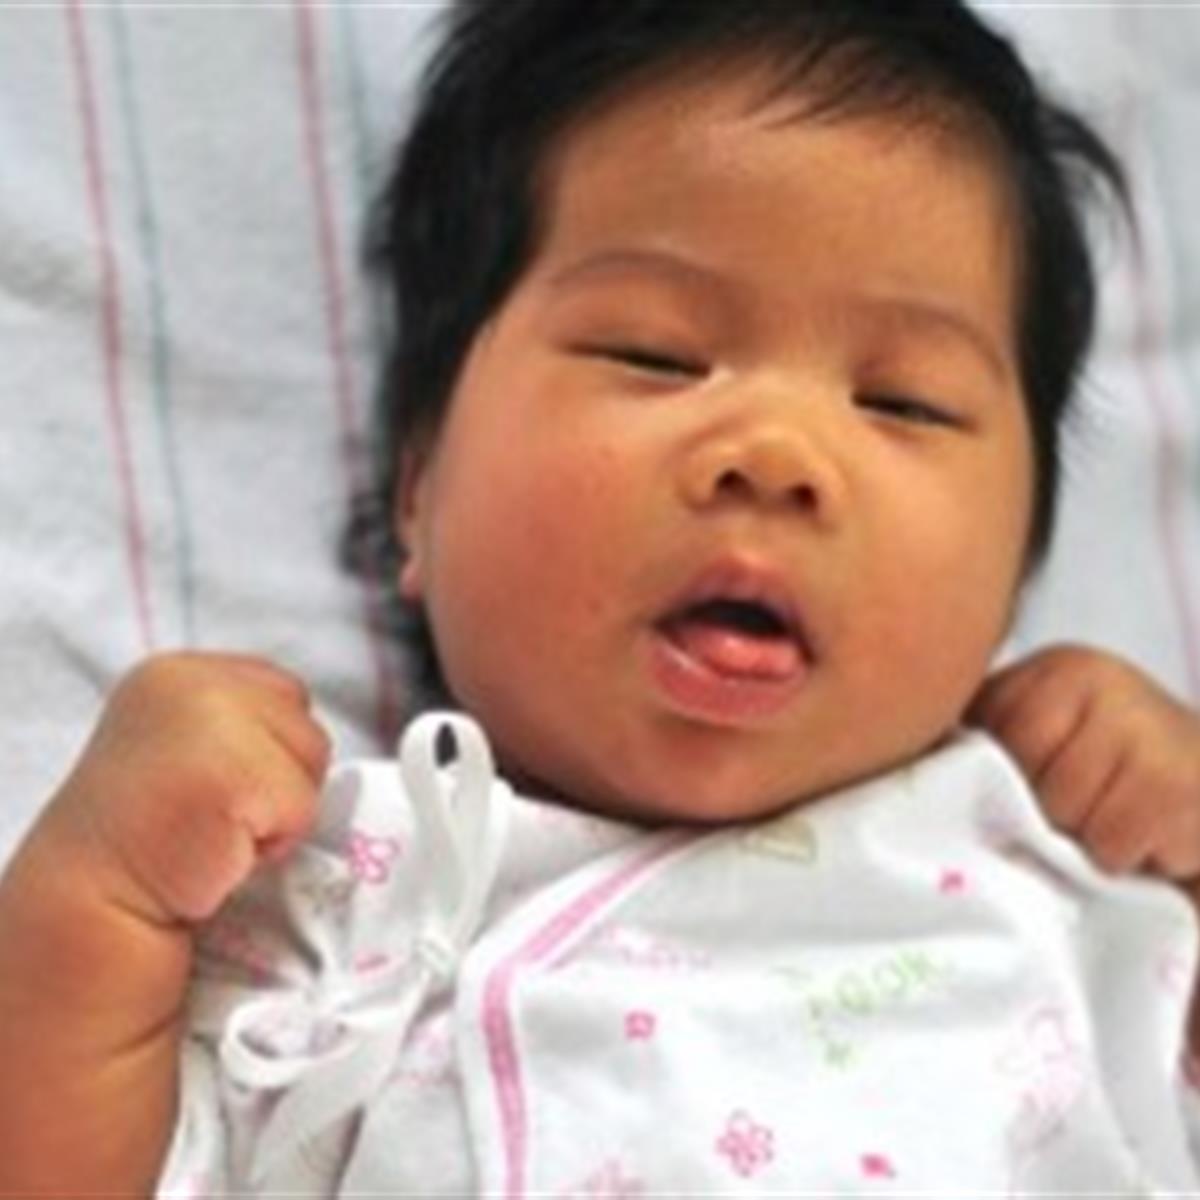 Hitos Del Movimiento Recién Nacido A 3 Meses De Edad Healthychildren Org